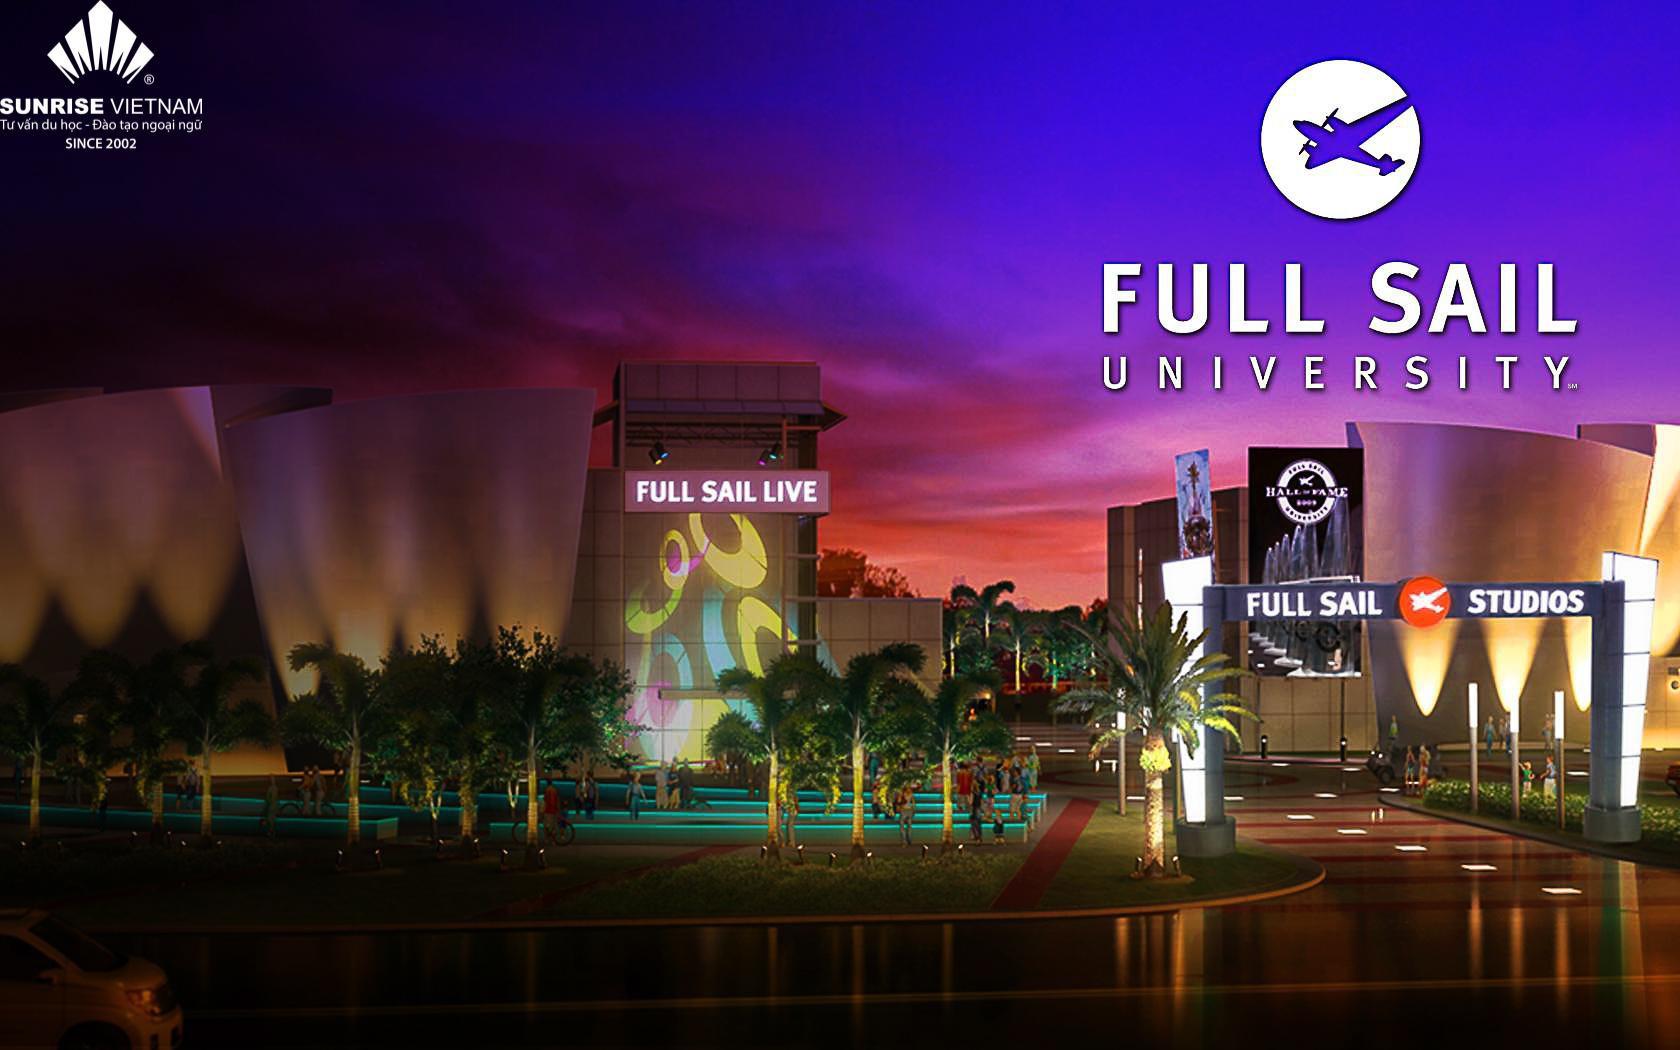 Cơ hội nhận học bổng lên tới 470 triệu VNĐ khi tham dự hội thảo Đại học Full Sail cùng Sunrise Việt Nam - Ảnh 1.